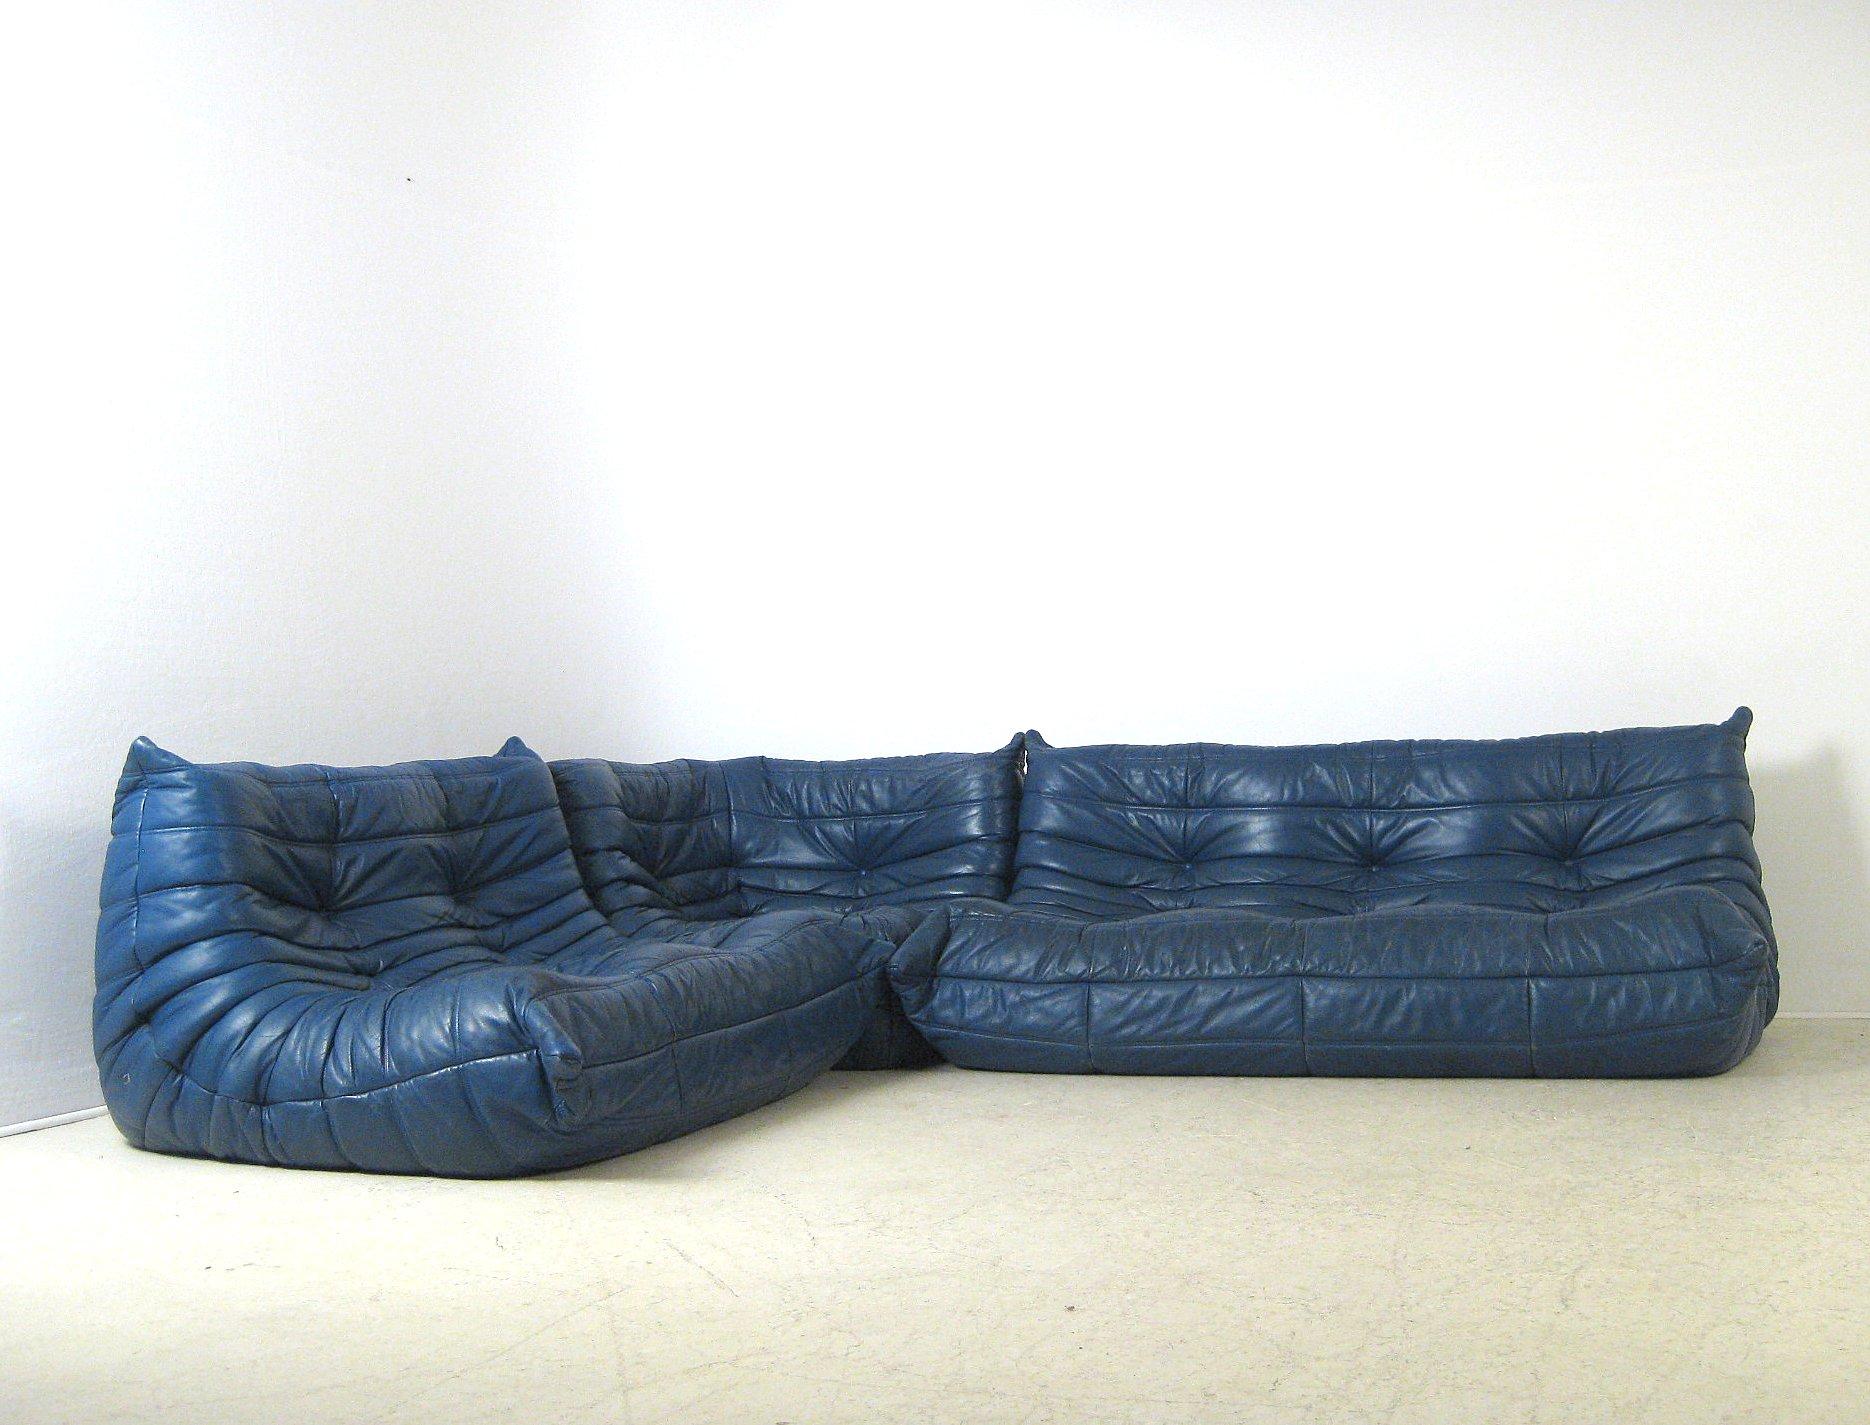 Bezaubernd Zweiersofa Foto Von Michel Ducaroy, Lounge Suite, + Dreiersofa +